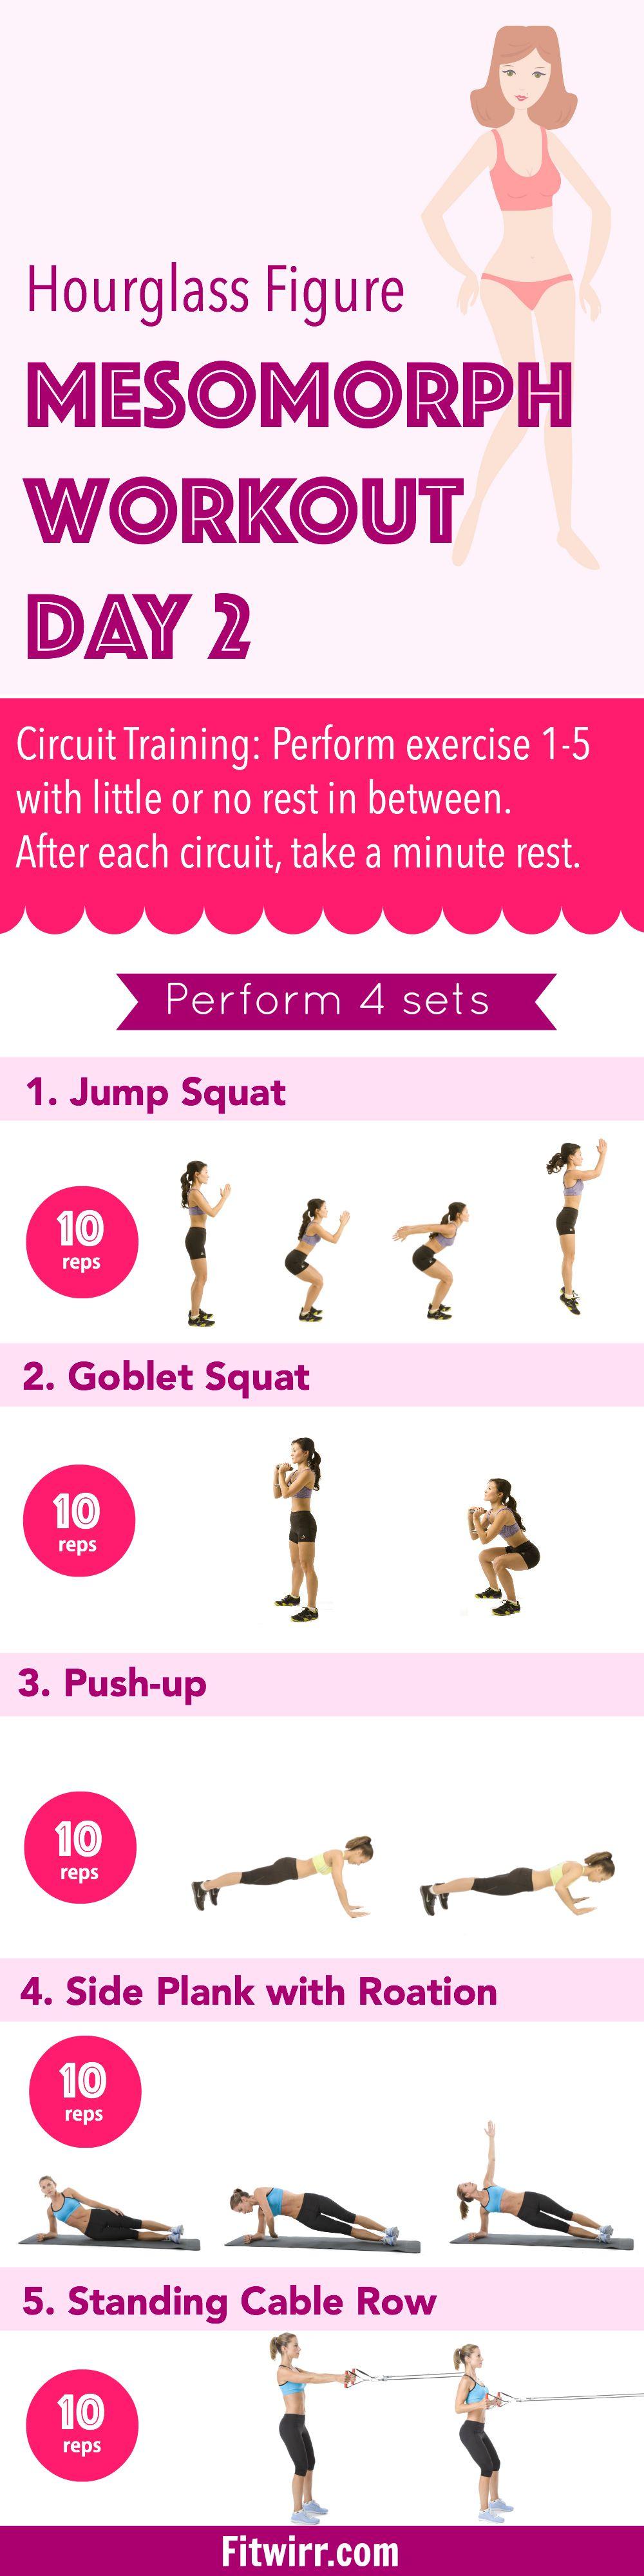 Shape workout / Medford medical